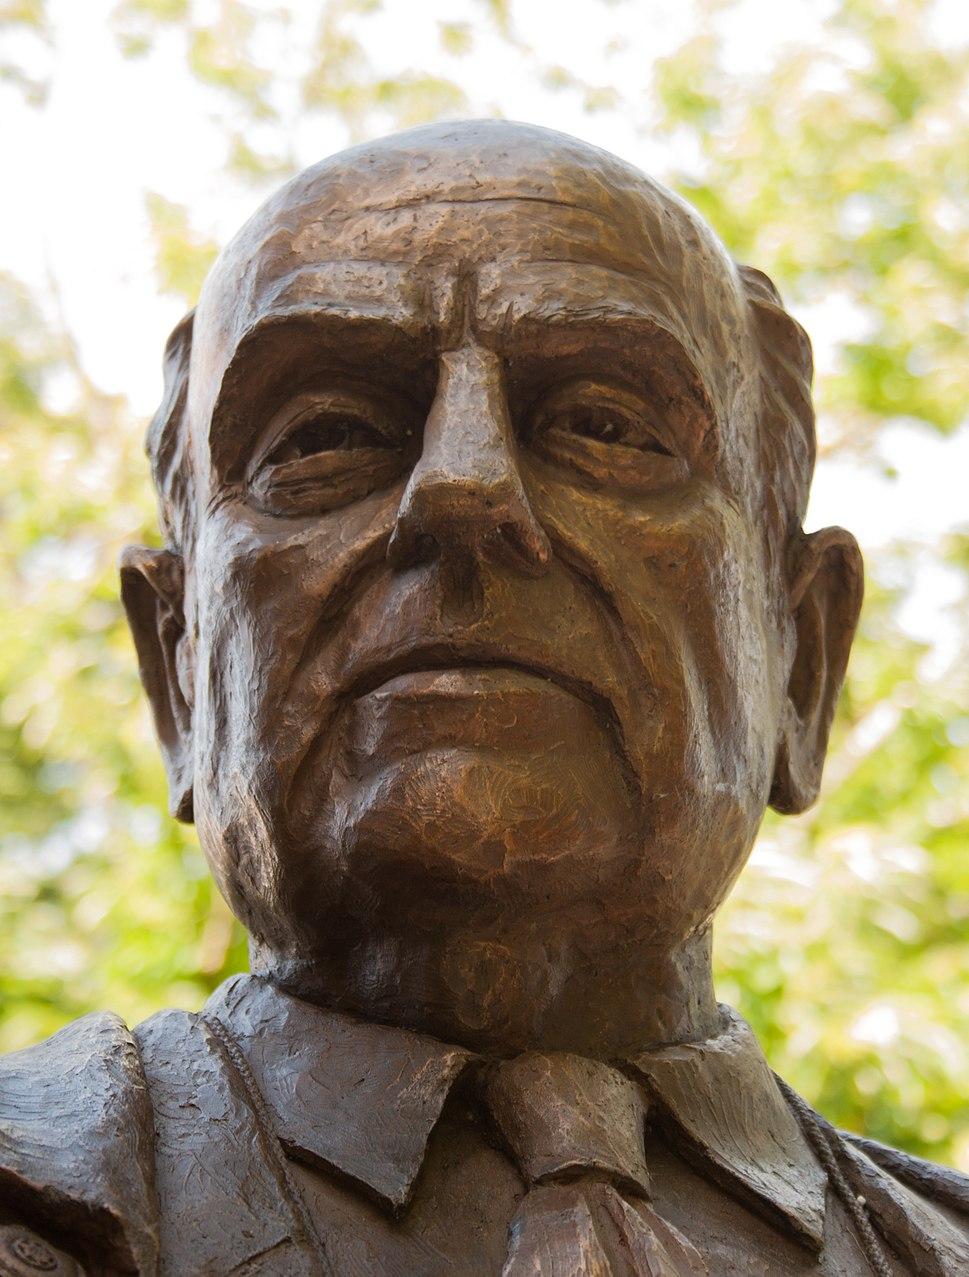 Head of sculpture of Manuel Fraga Iribarne